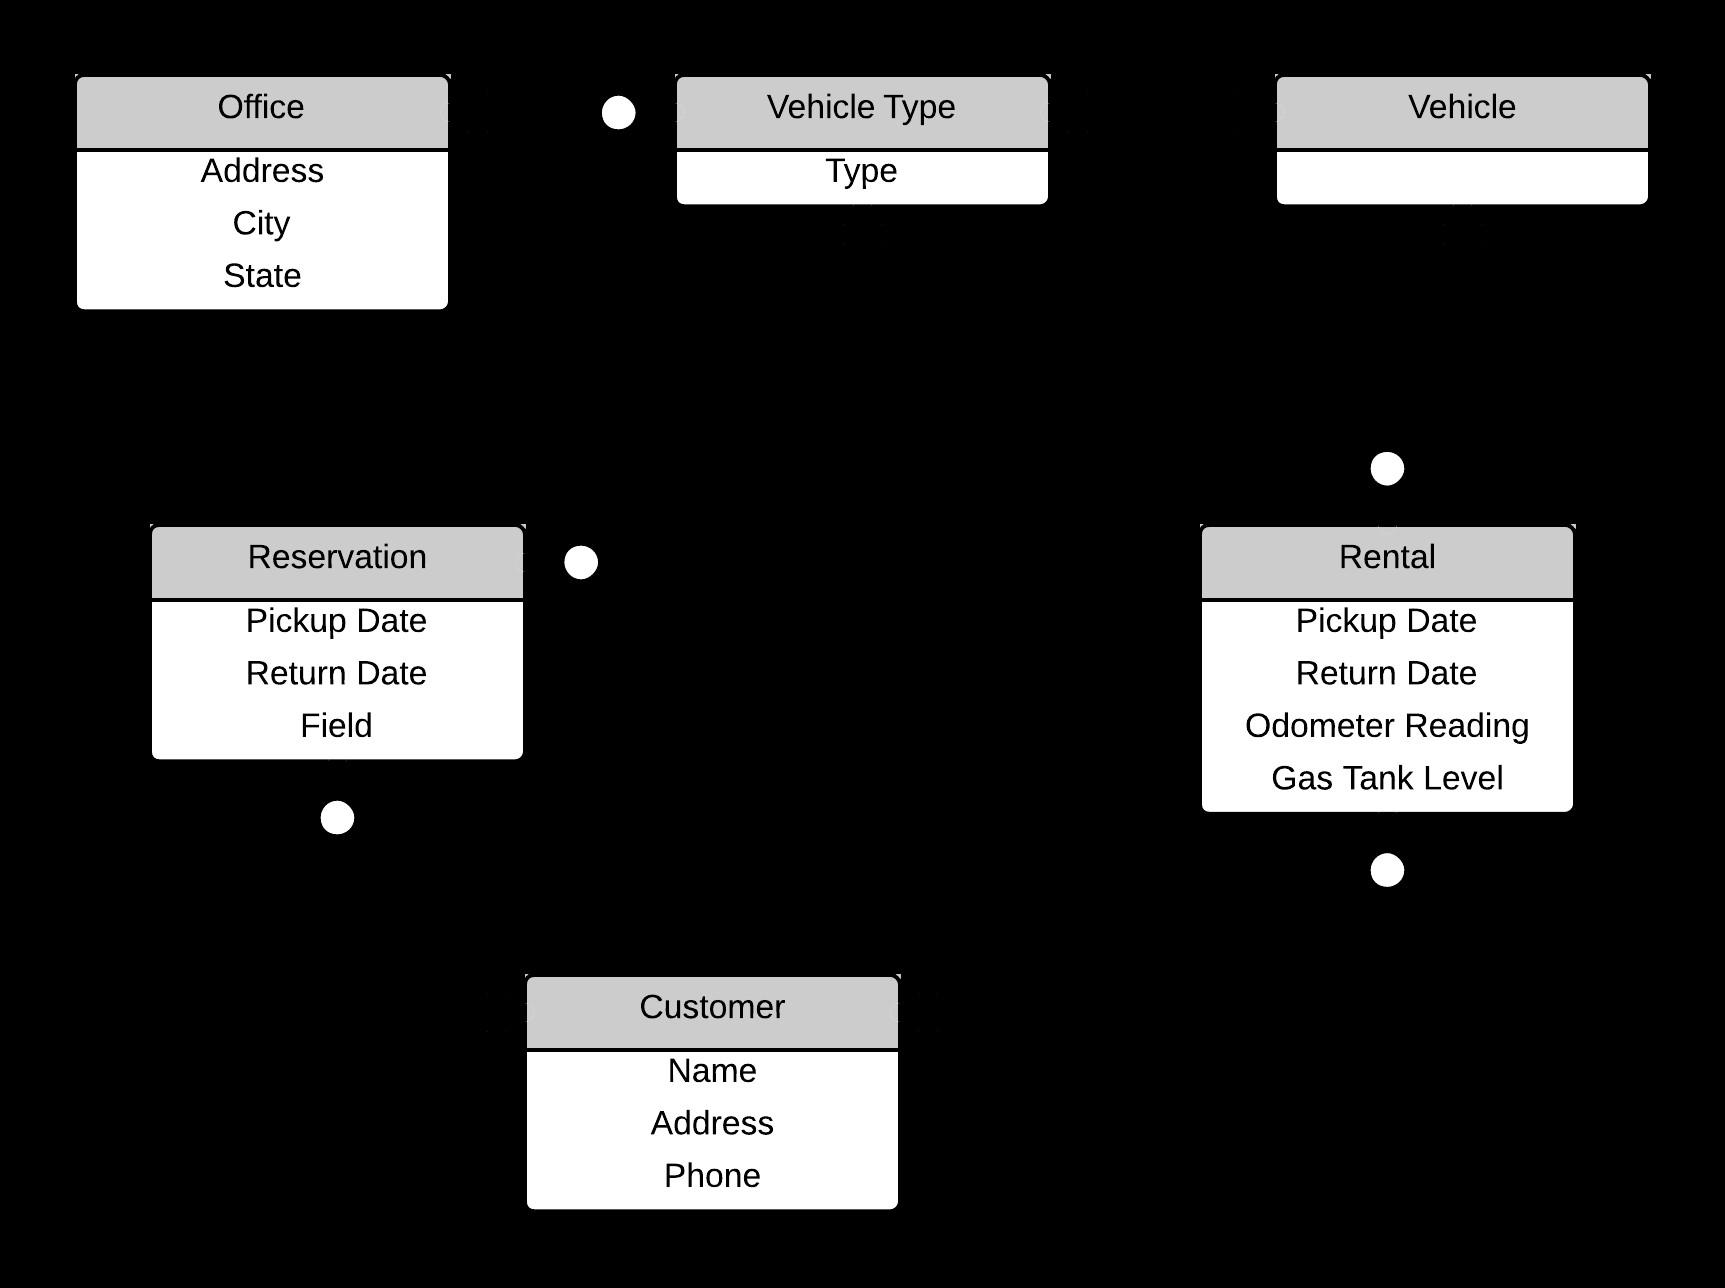 Car Rental Er Diagram Diagram Car Rental Class Diagram Example Of Car Rental Er Diagram